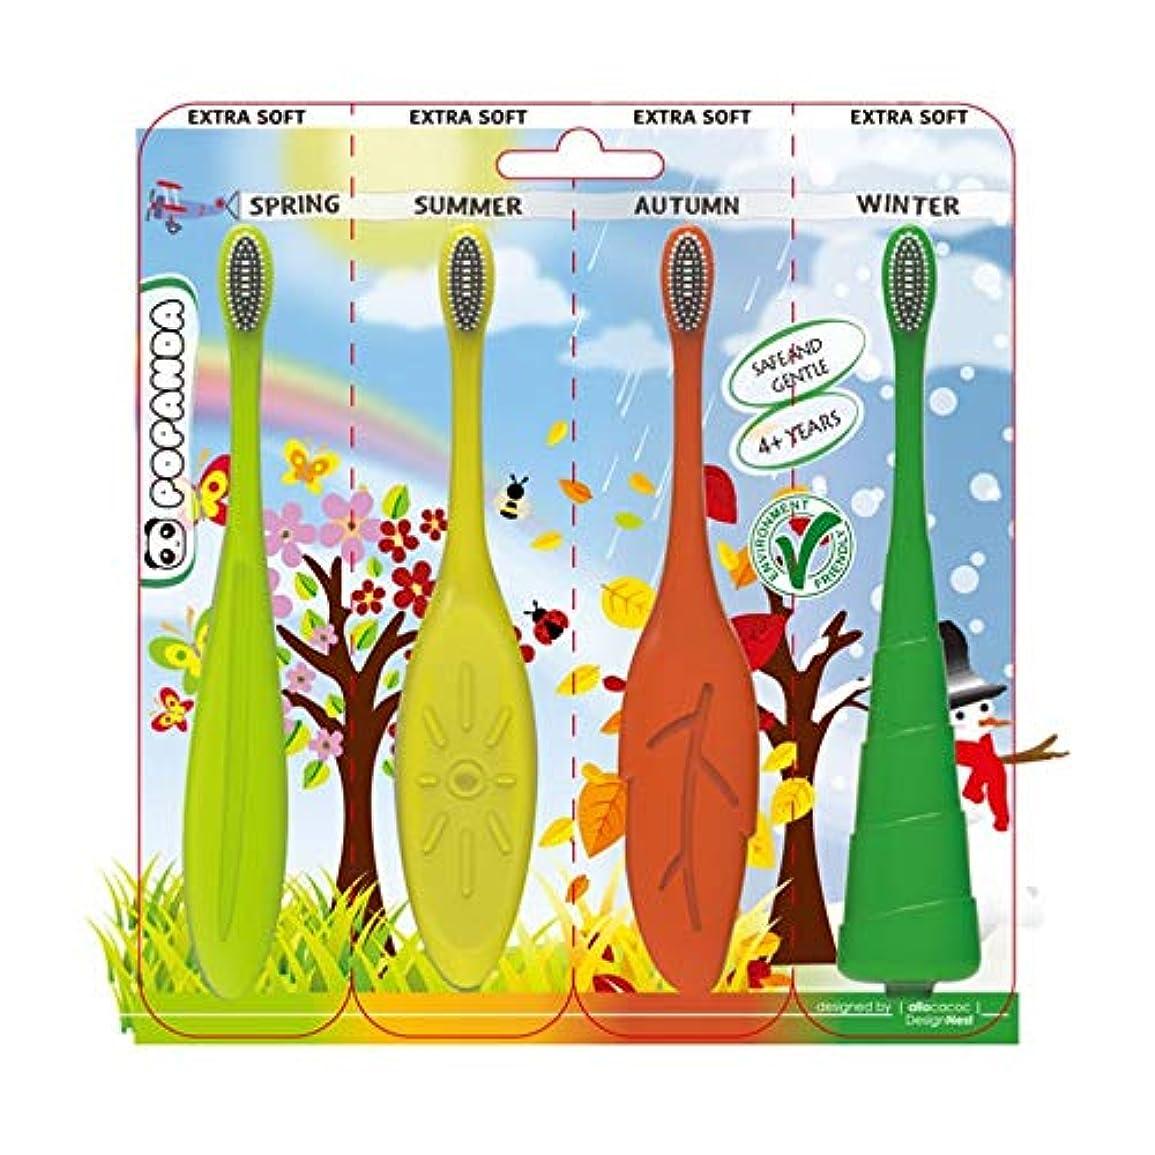 船外取る我慢する(4個) Baby 幼児 四季 シリコン歯ブラシ Set Baby Kid's Gift Seasonal Silicone Toothbrush 並行輸入